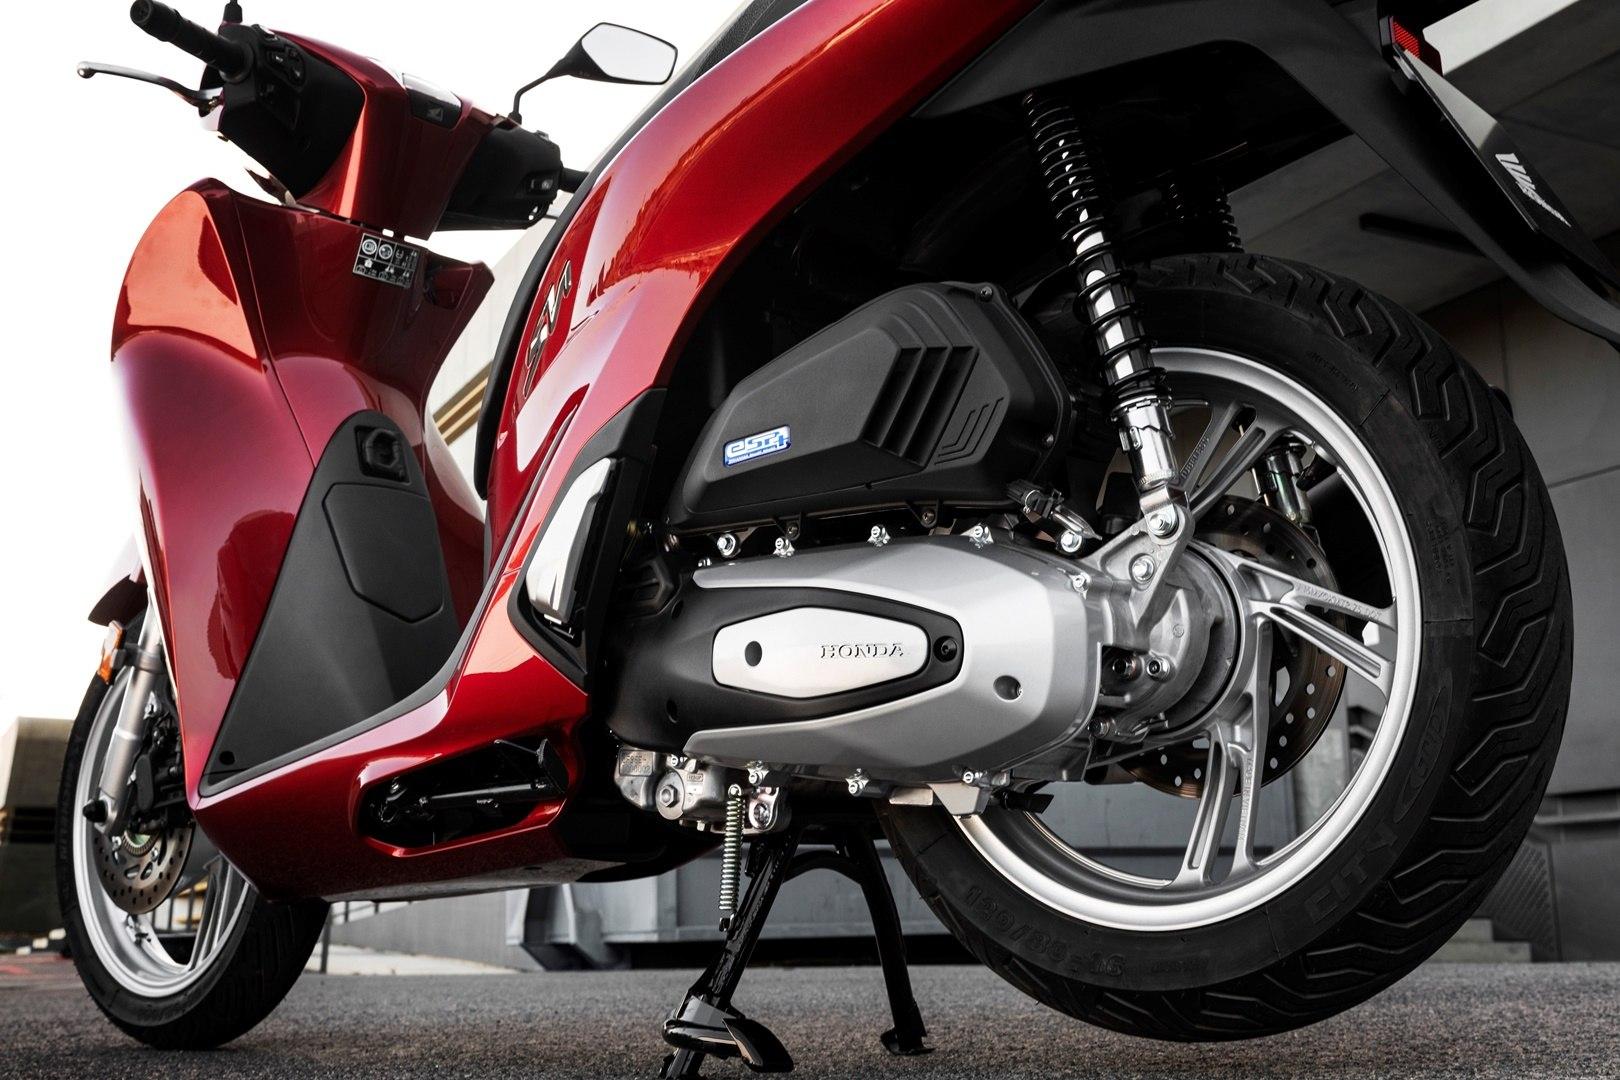 Honda Scoopy SH125i 05